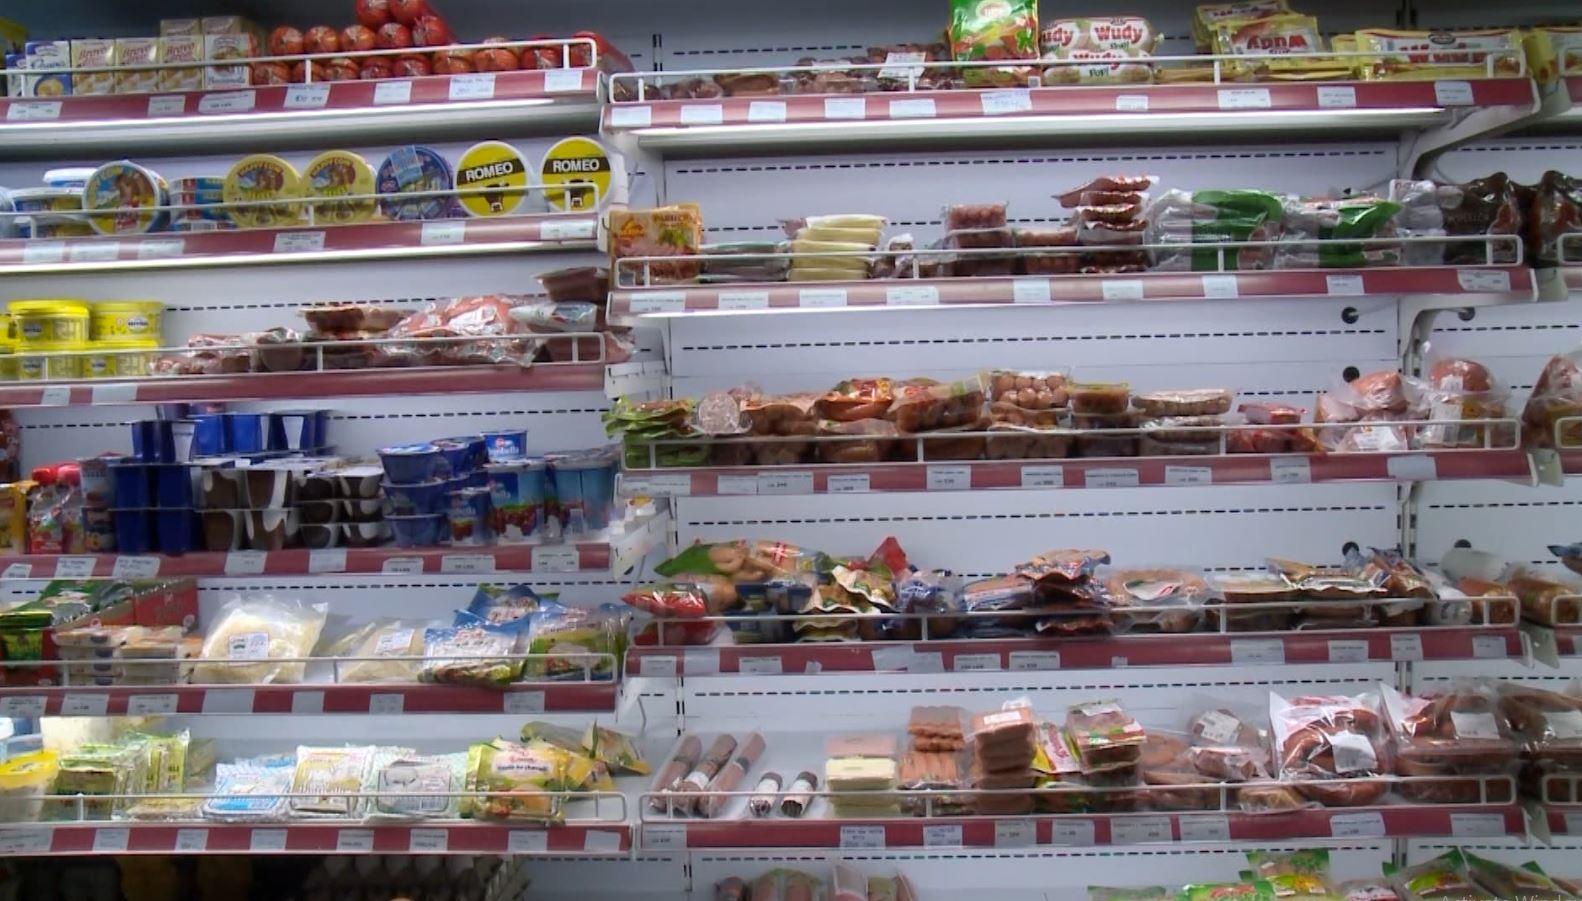 AKU bllokon 4.8 tonë produkte ushqimore